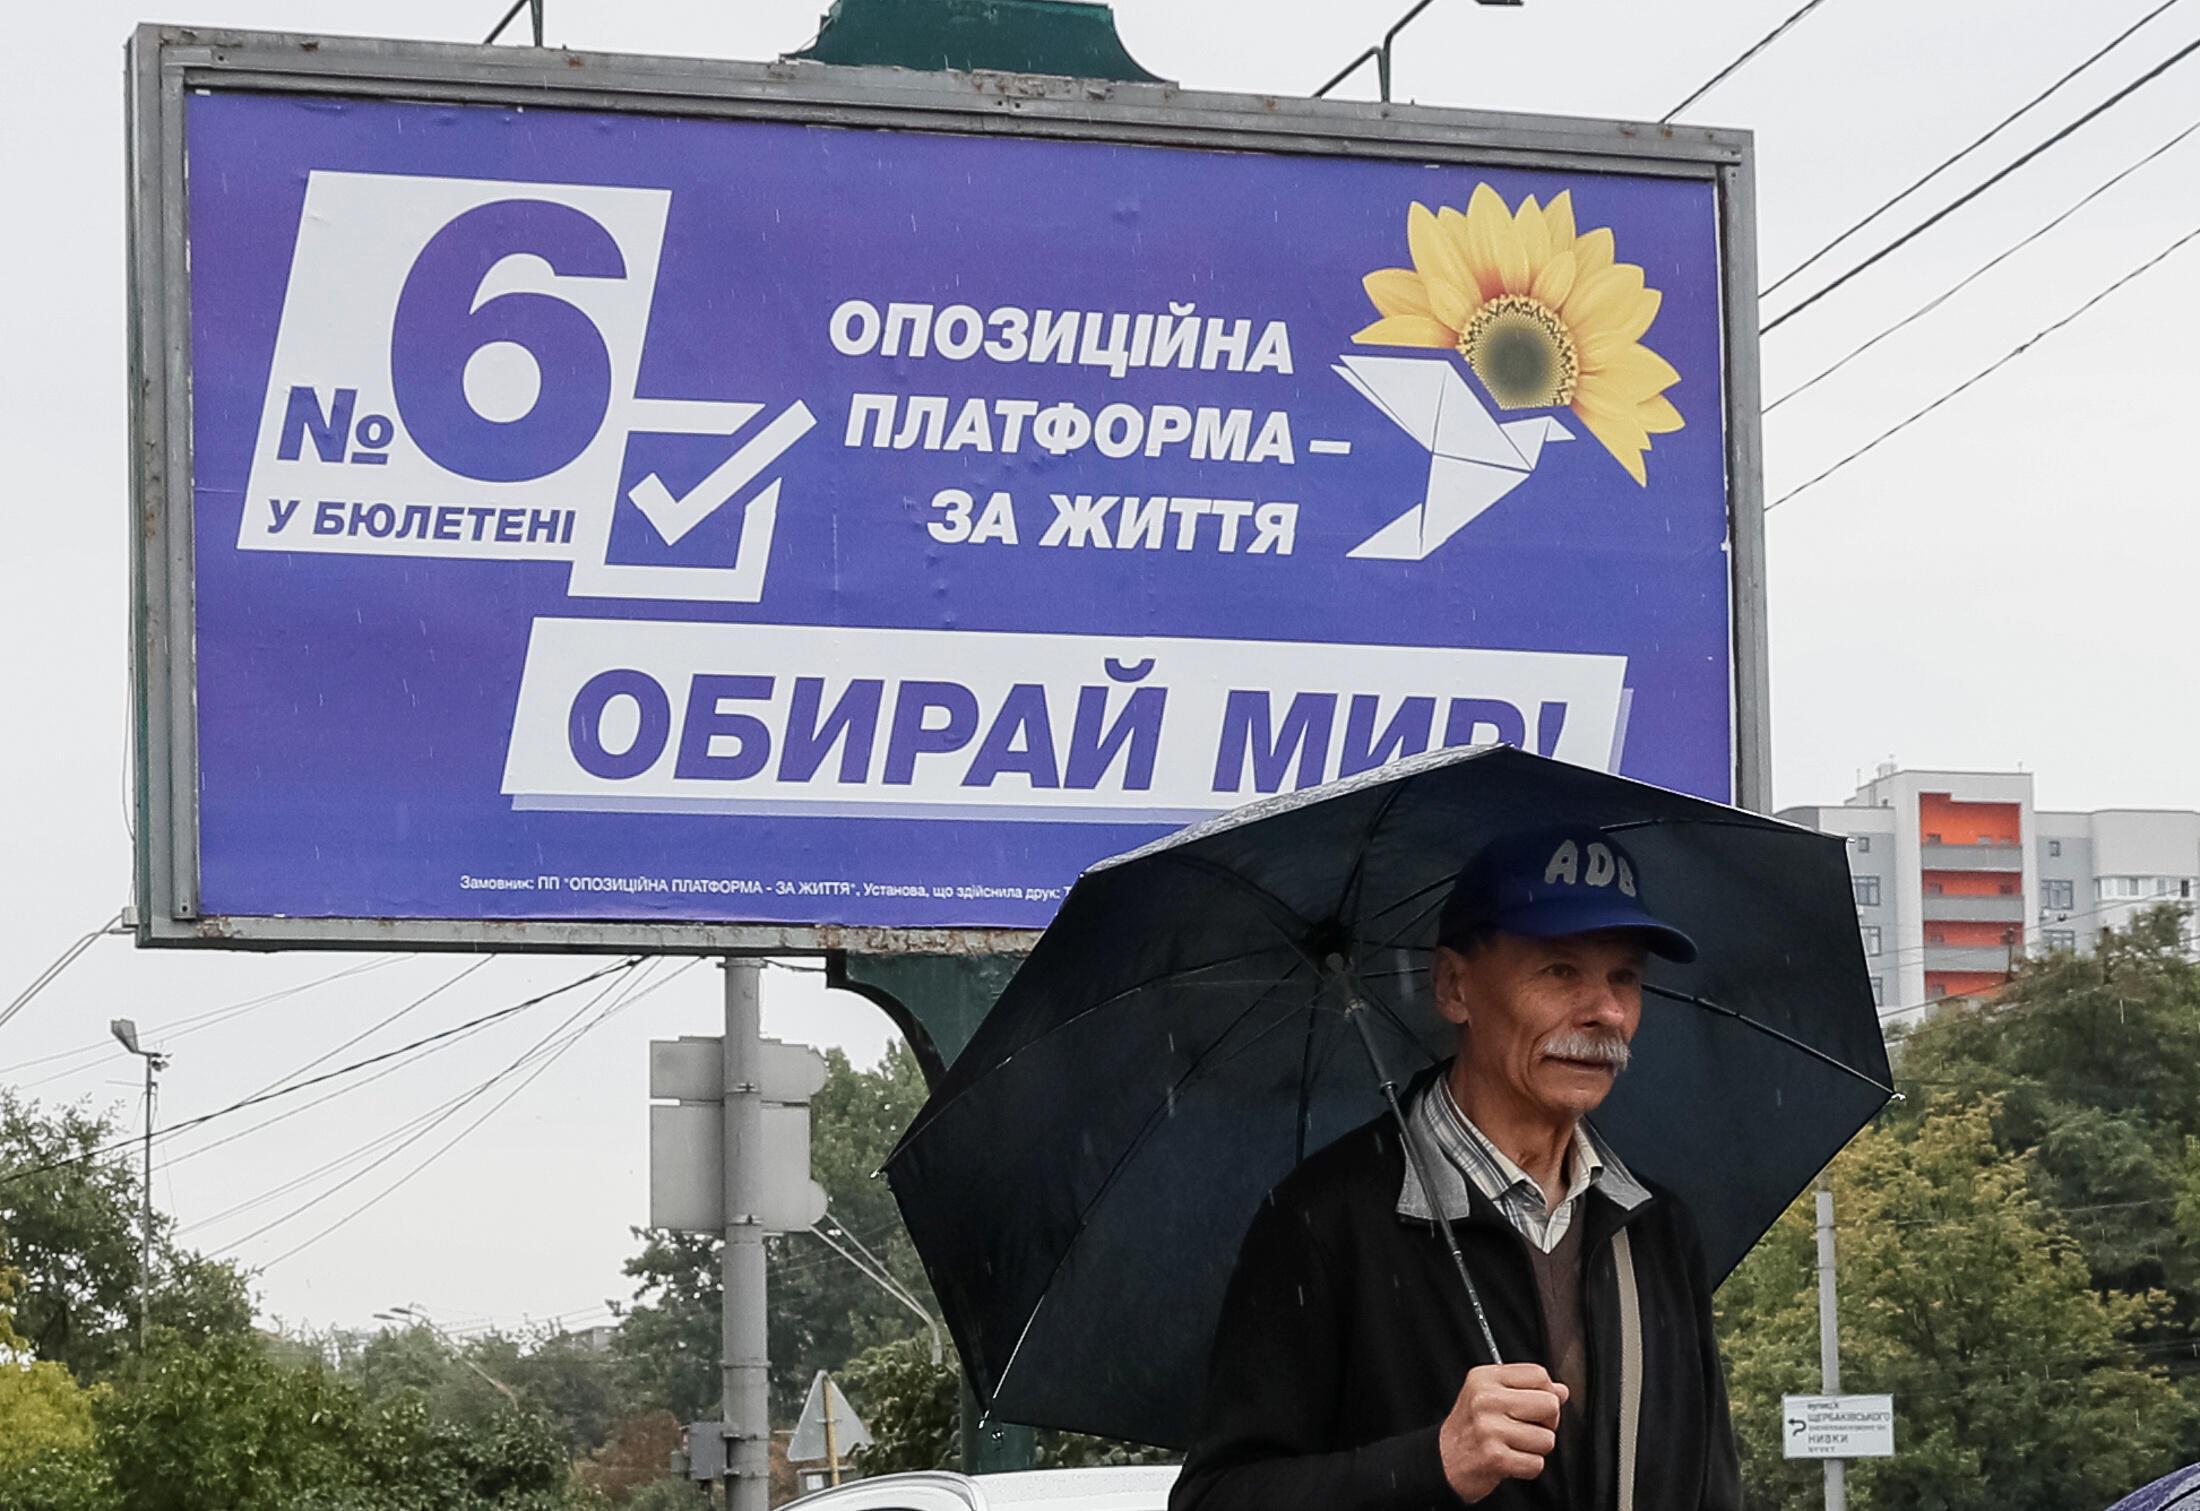 Предвыборный плакат партии «Оппозиционной платформы — За жизнь» в Киеве 15 июля 2019